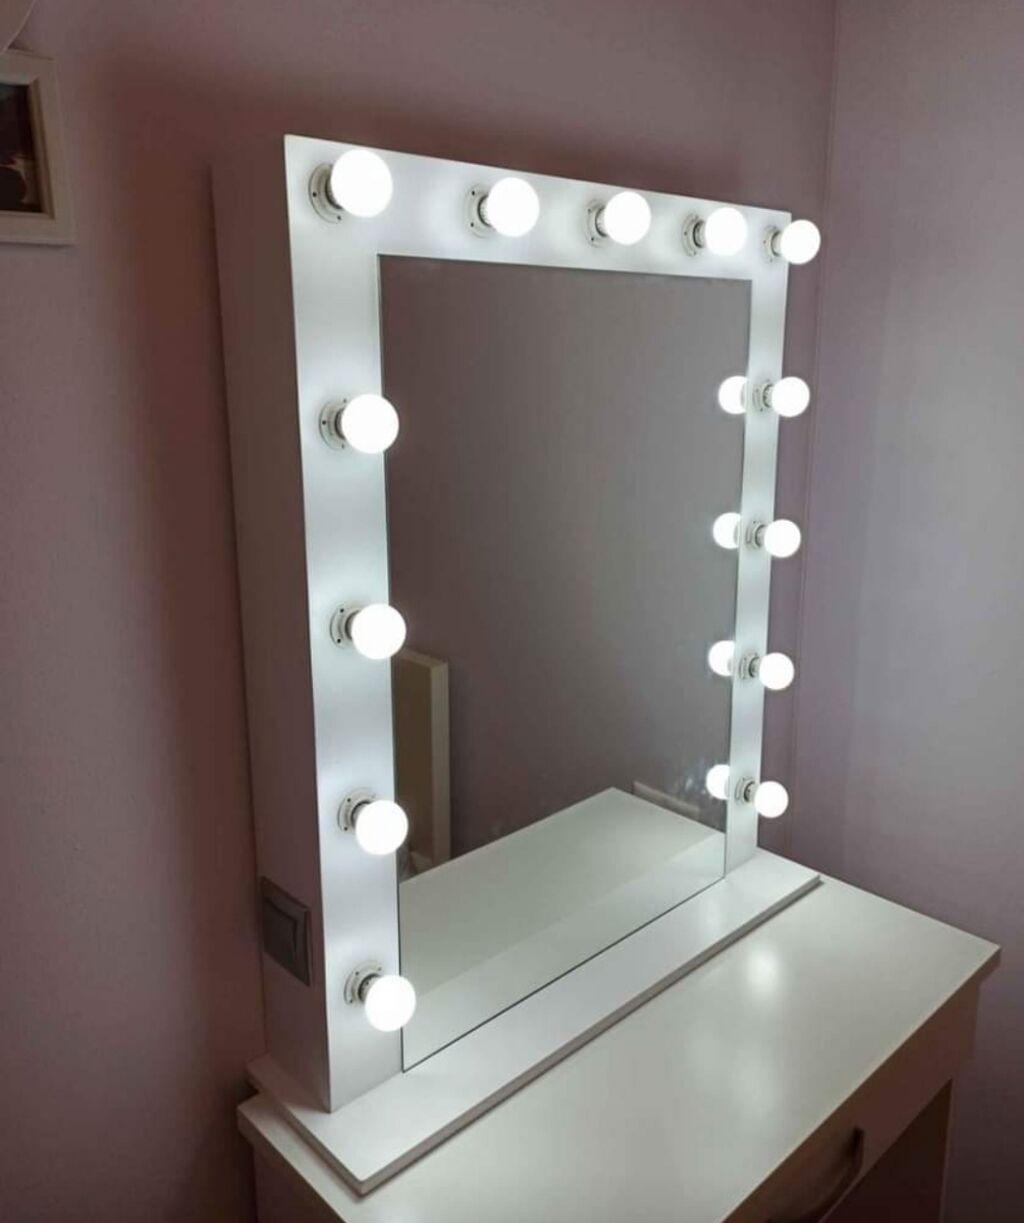 Καθρέπτες - Άγιοι Ανάργυροι: Καθρεφτης Hollywood χειροποίητος καινούριος. Διαστάσεις 70x85cm